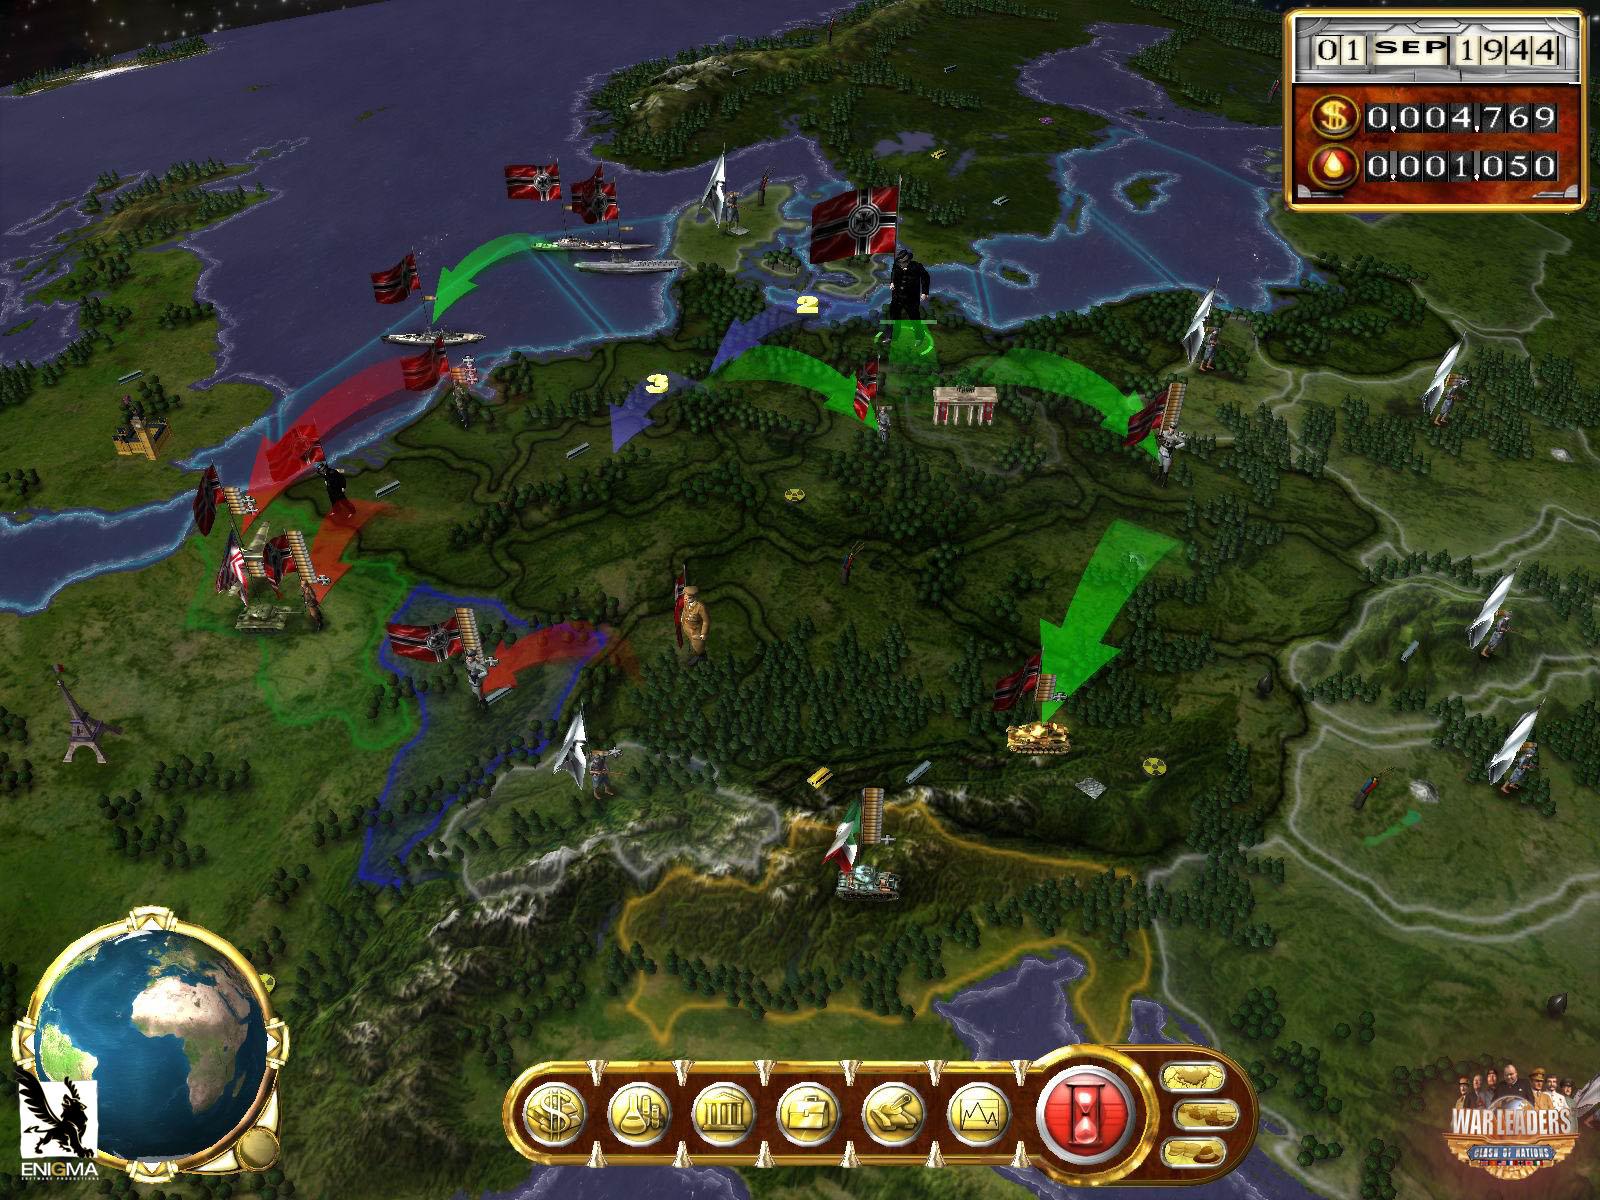 War Leaders: Clash of Nations di Enigma Software Productions fa parte dei giochi acquisiti da THQ Nordic